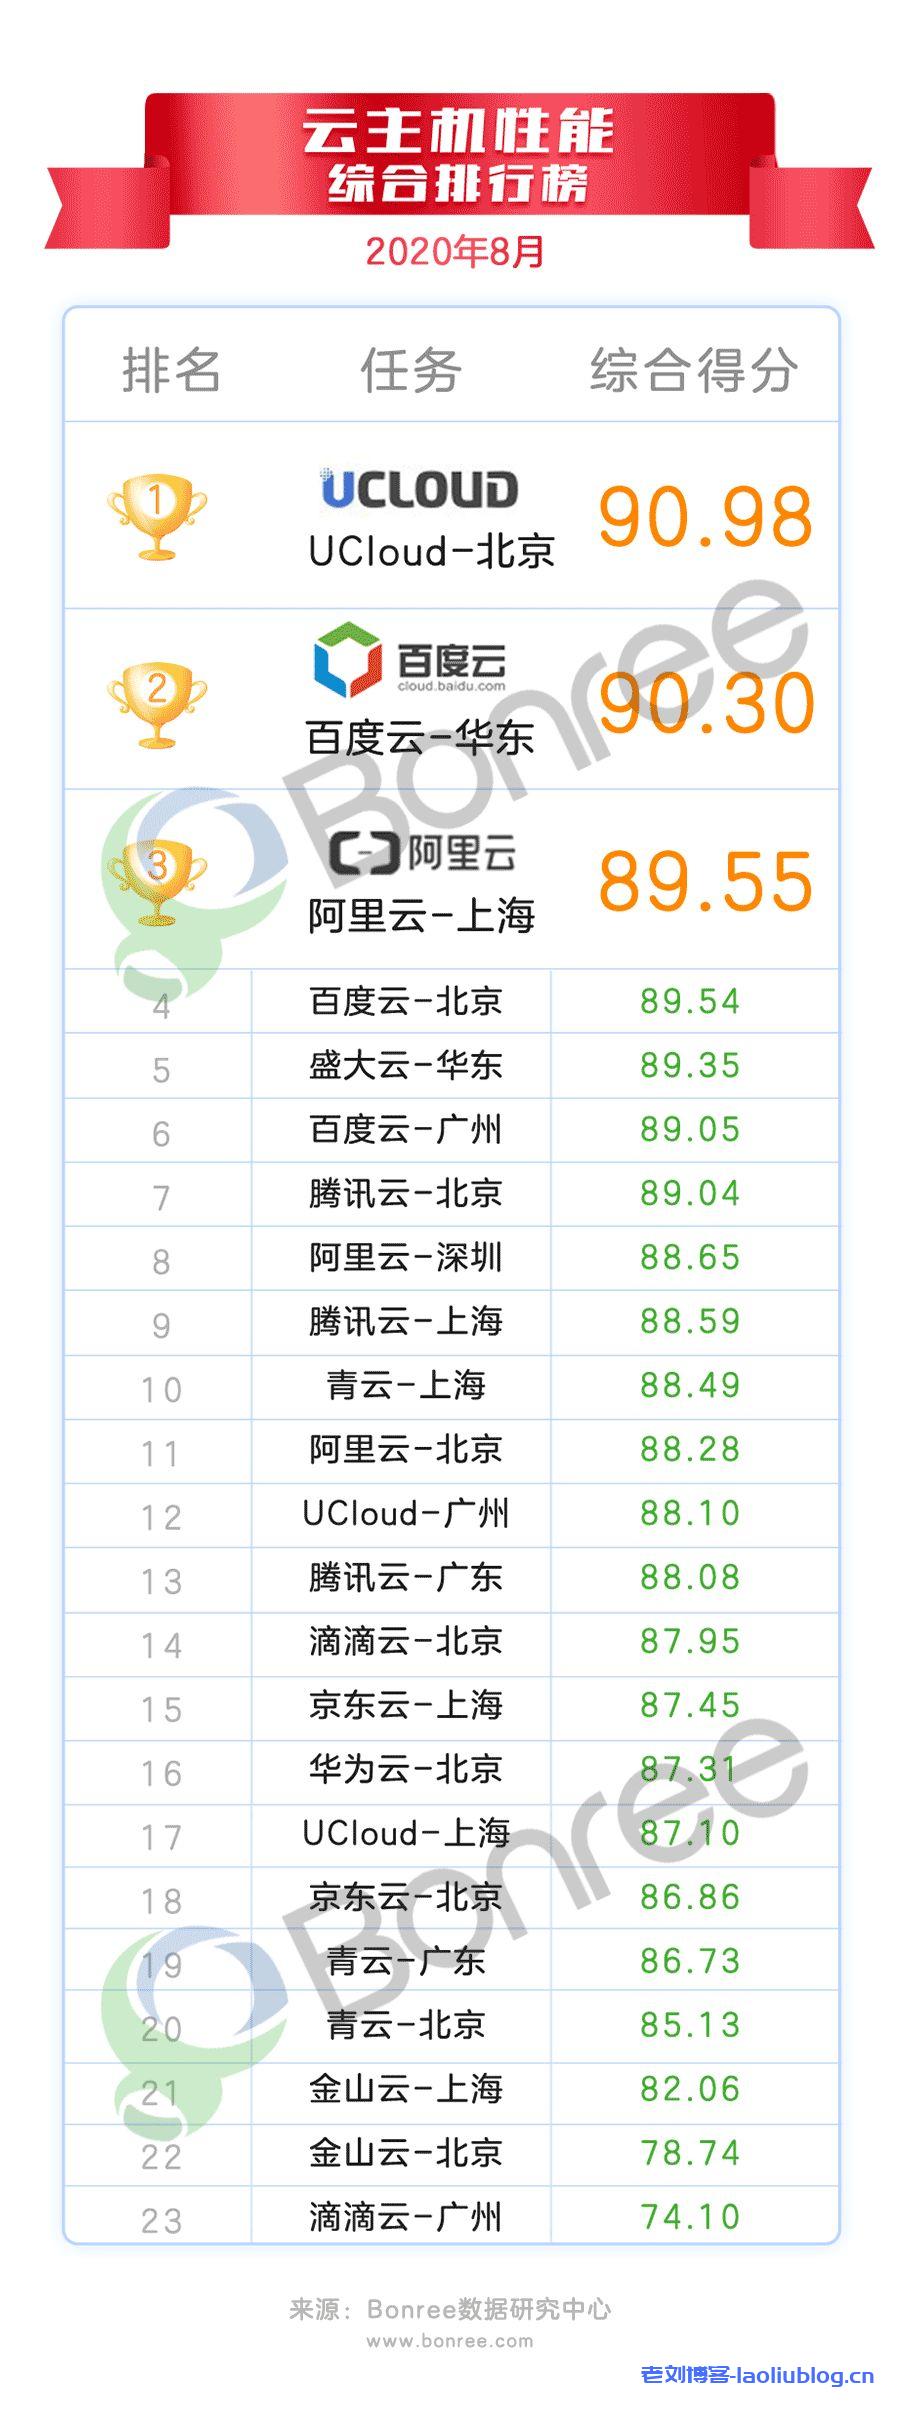 2020年8月云主机性能评测报告,UCloud-北京居榜首